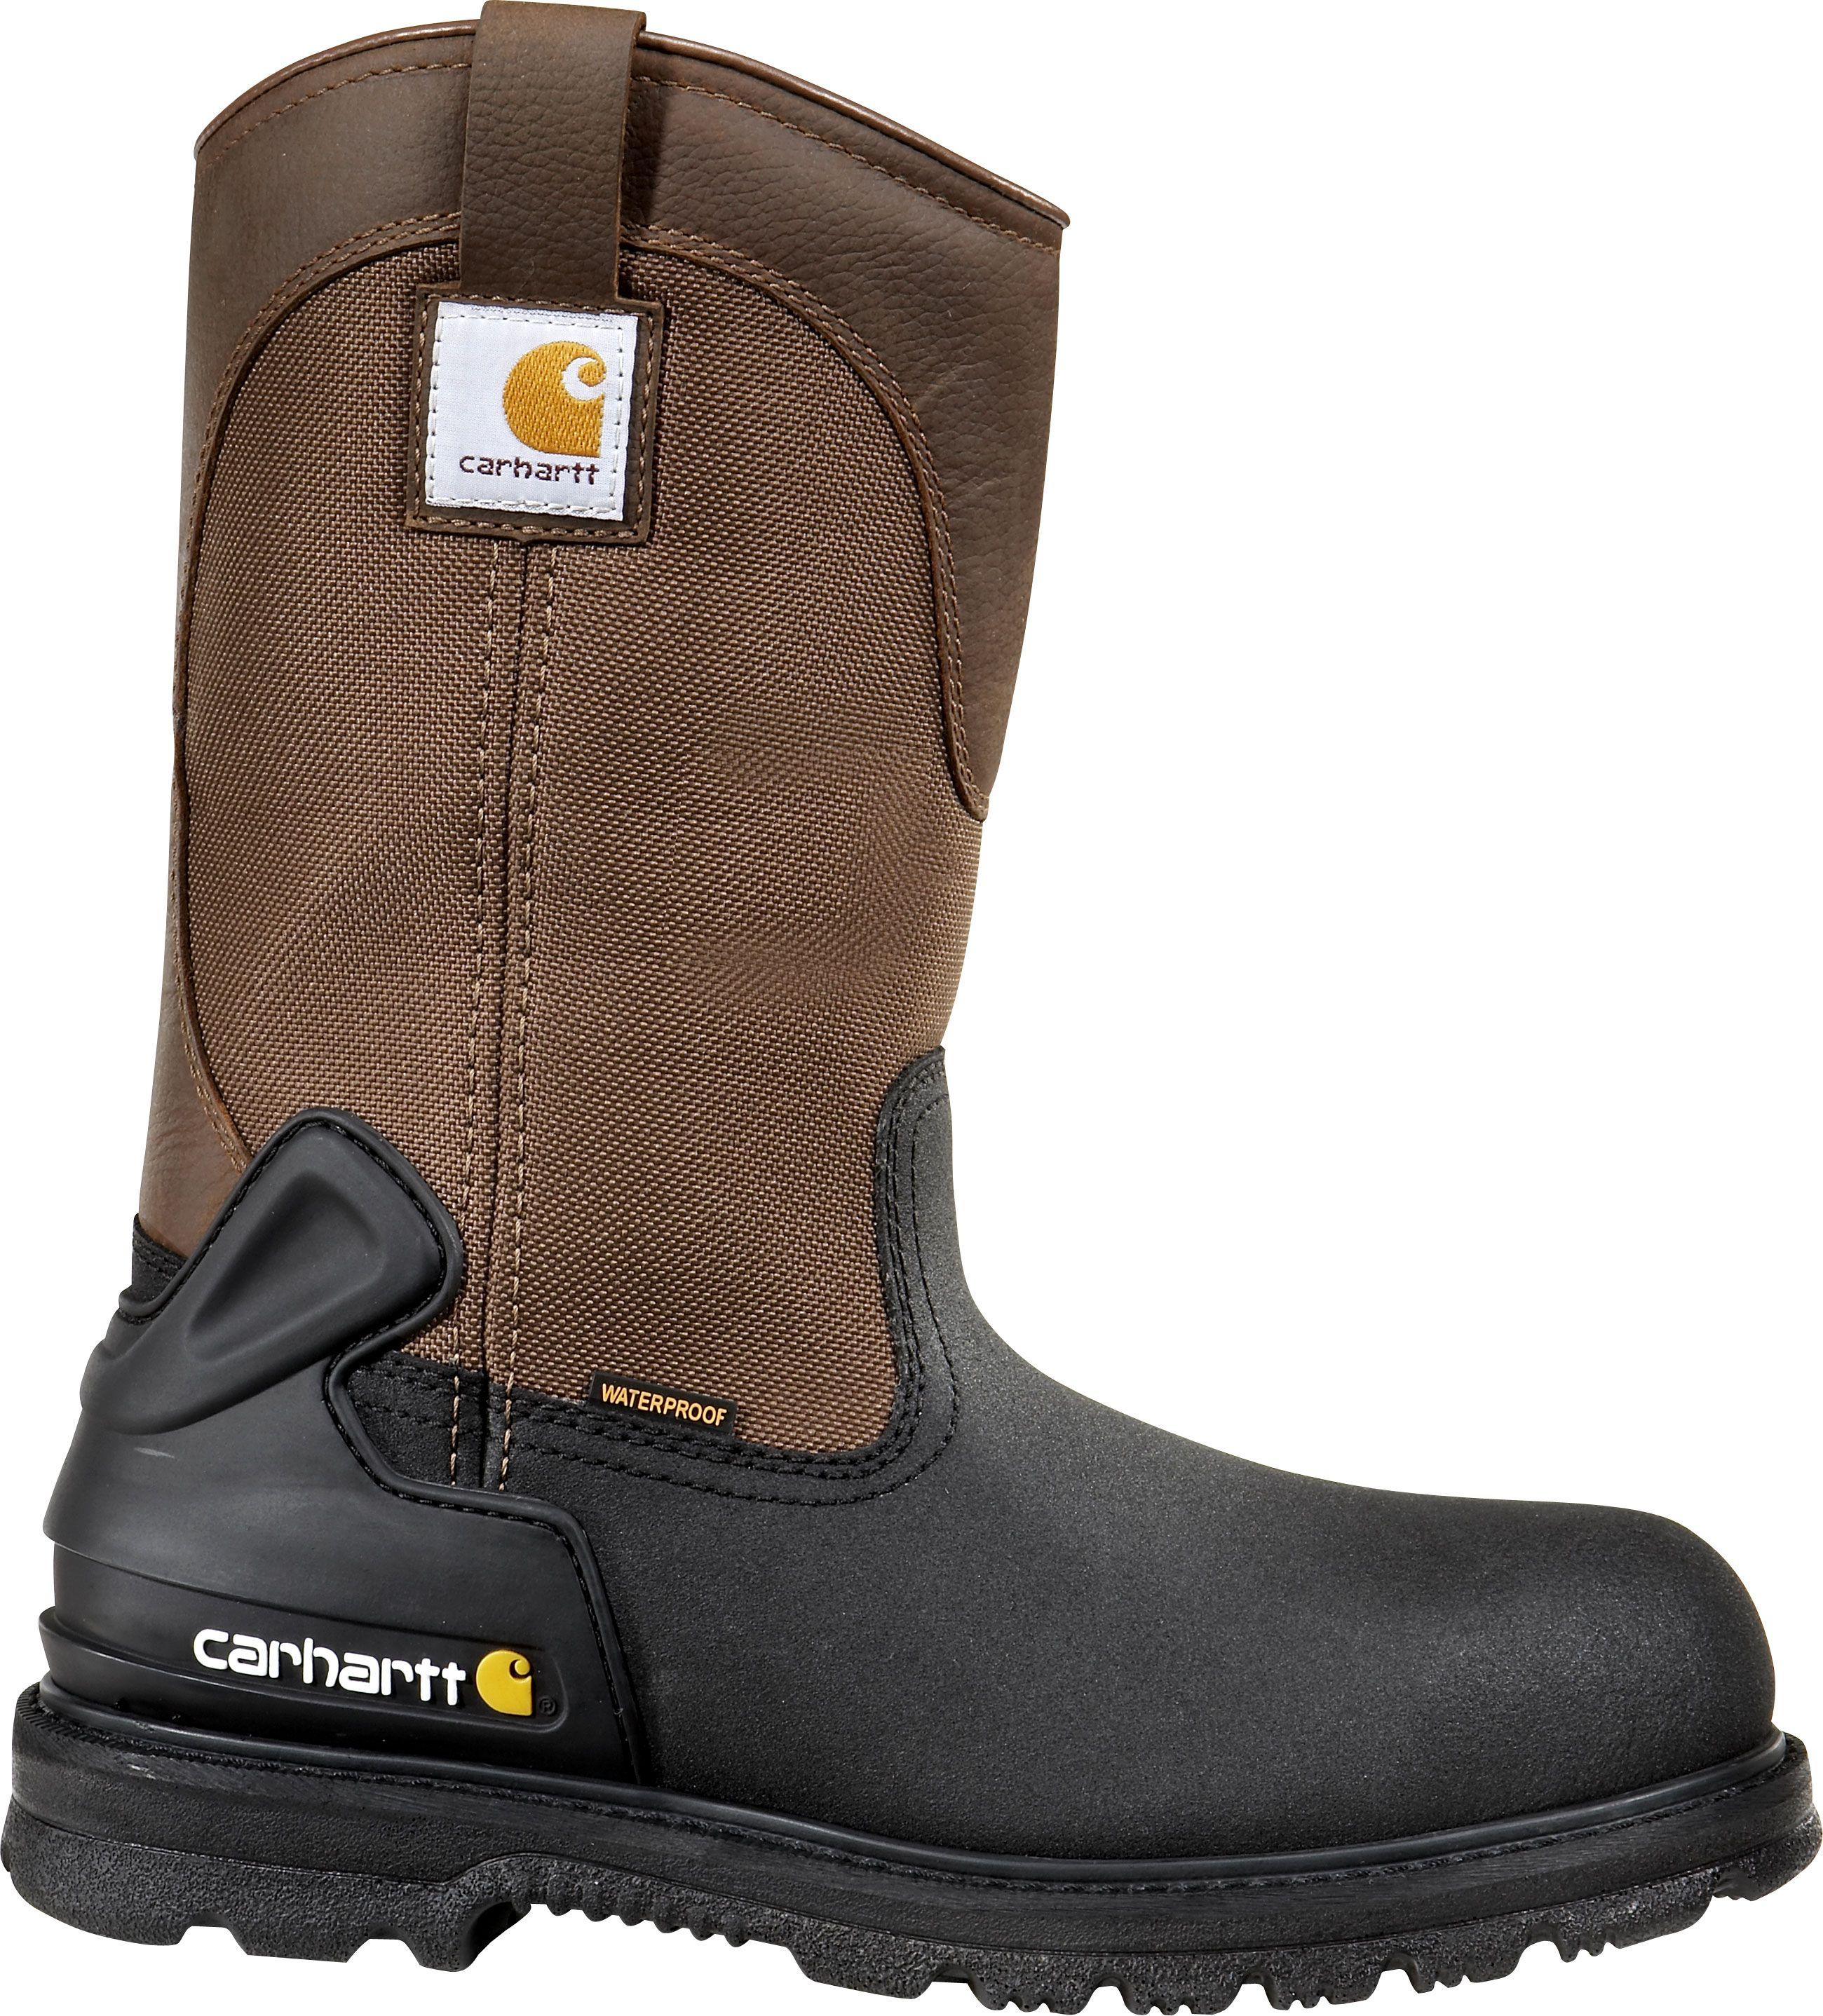 6219a8885ca CMP1159 Carhartt Men's Waterproof Work Boots - Brown   Carhartt ...